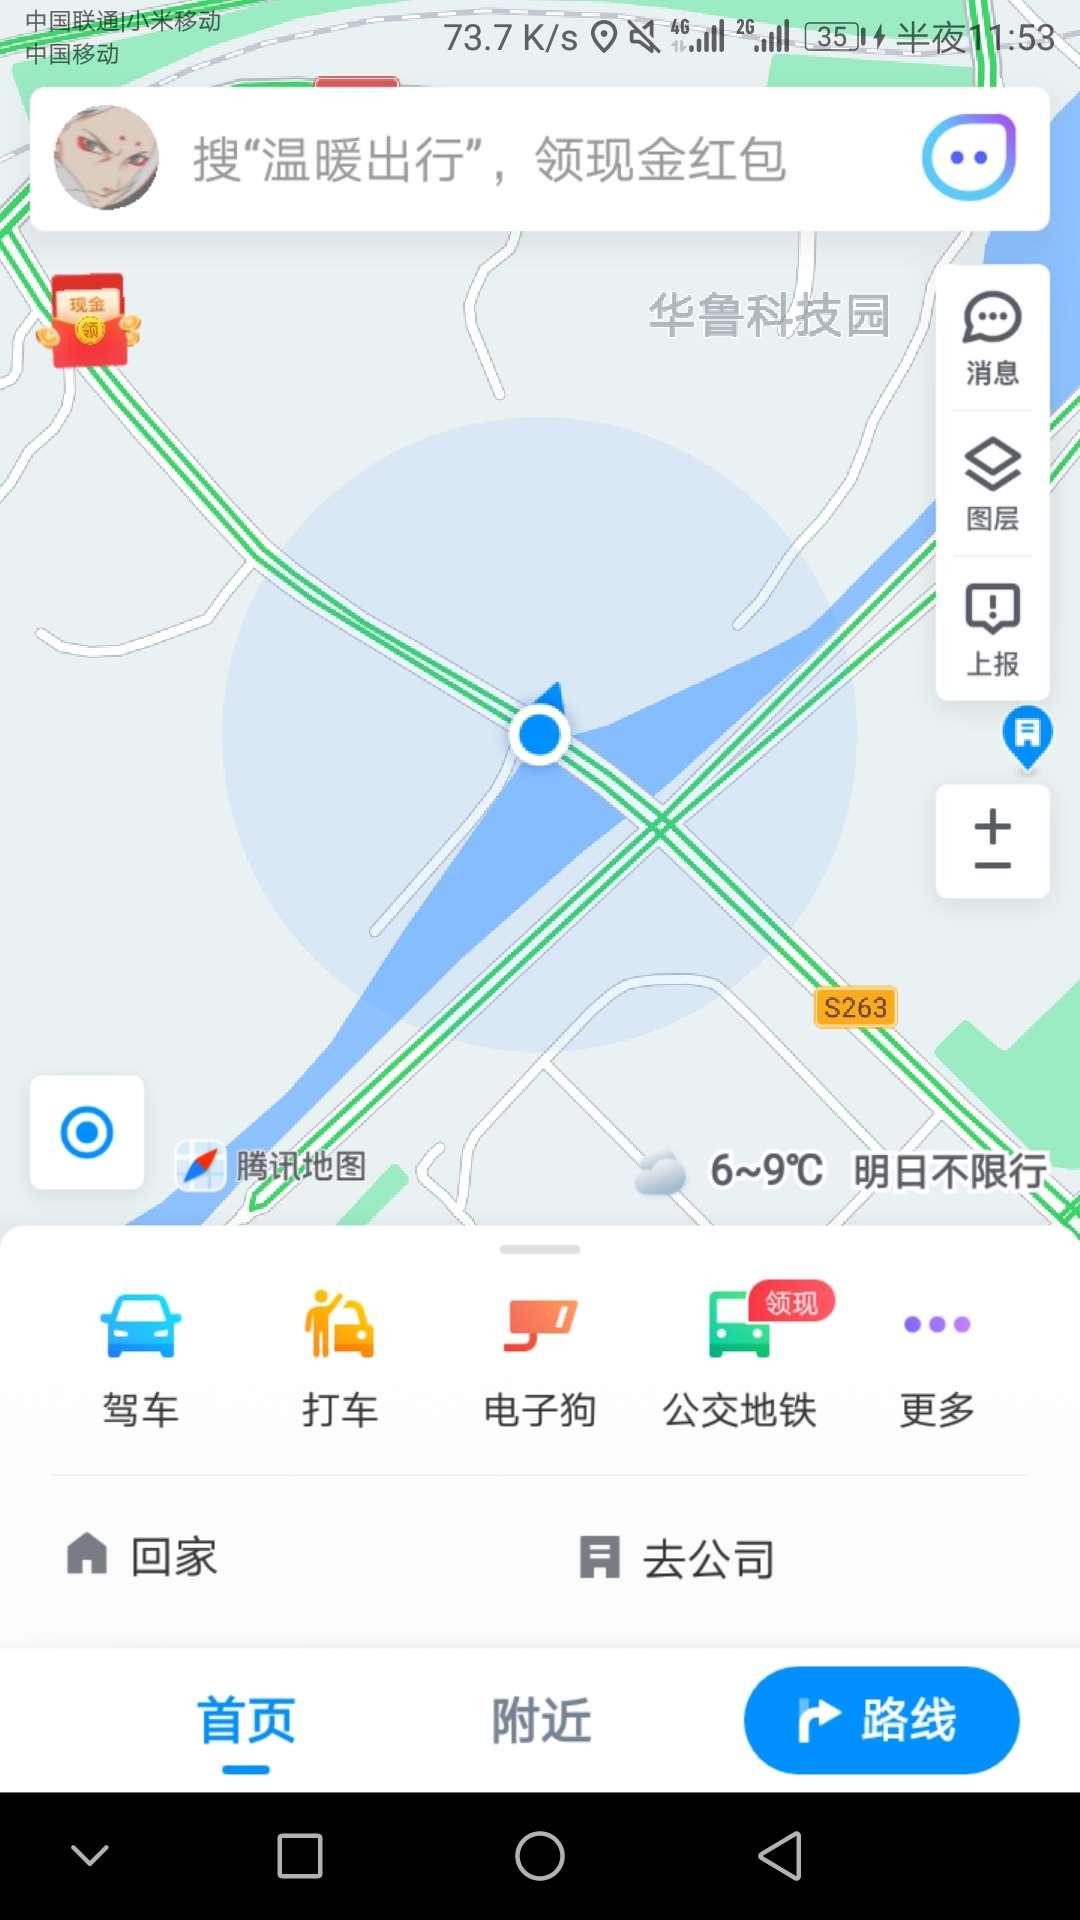 【现金红包】腾讯地图邀请好友拿红包~-聚合资源网